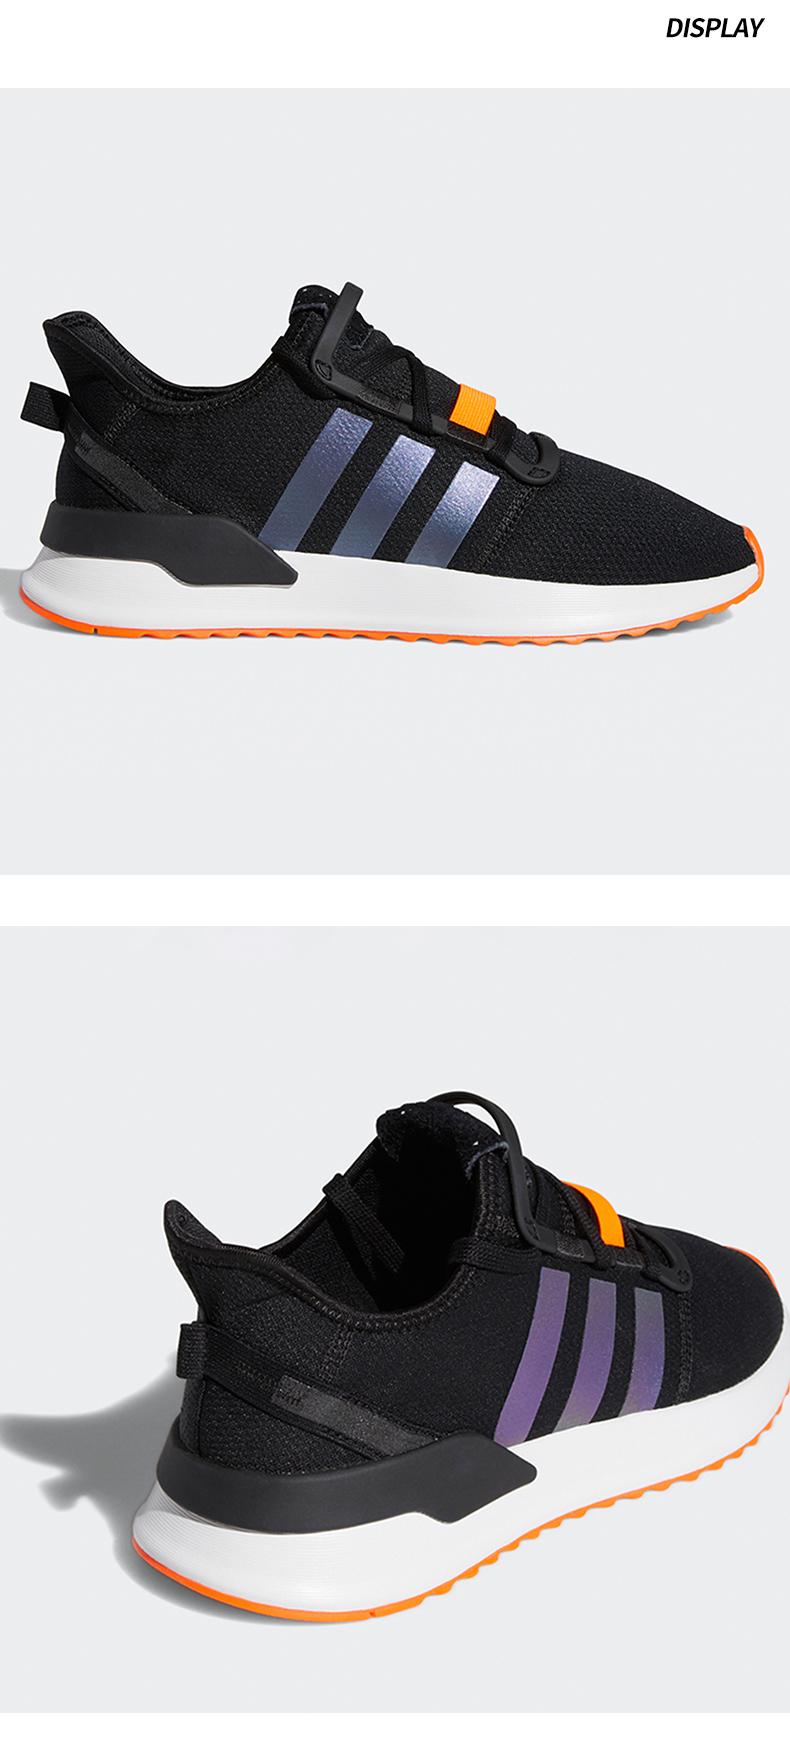 伊馨正品體育Adidas/阿迪達斯正品U_P~ATH RUN男女運動休閒輕便跑步鞋 FW0194